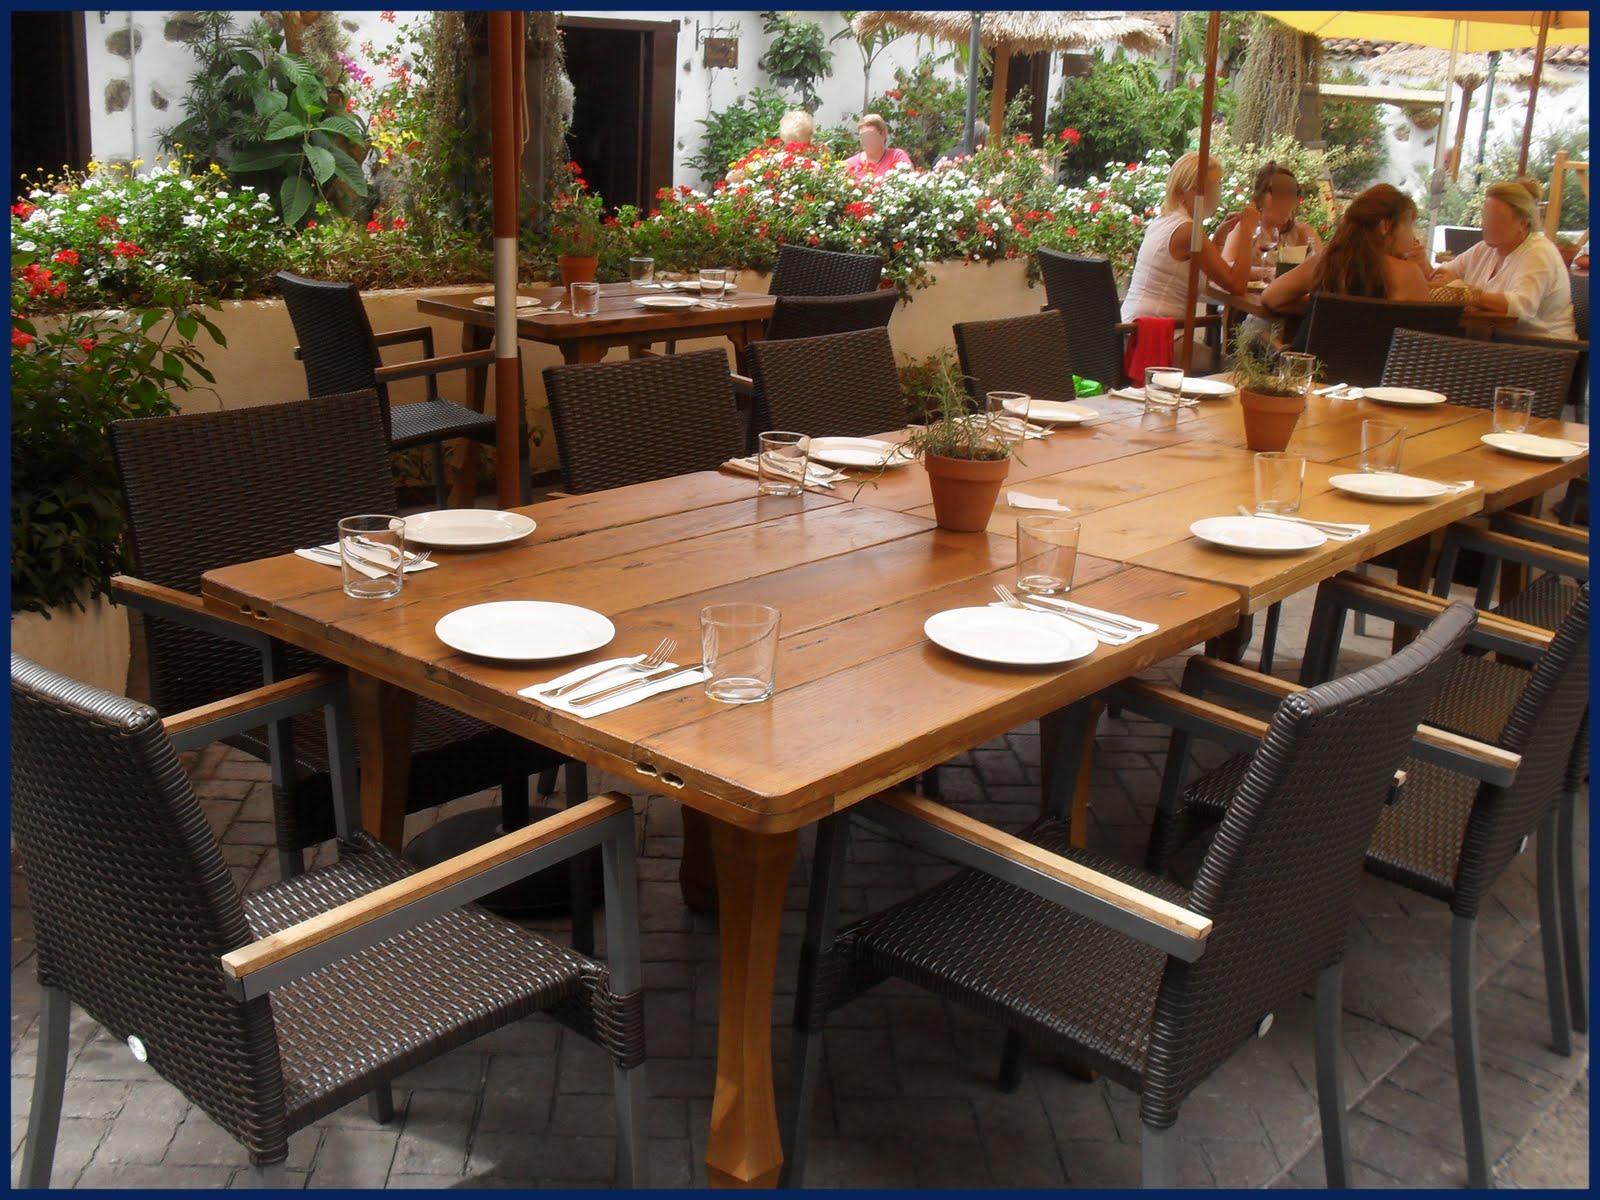 Comedores de terraza comedor terraza moderna lamparas - Comedor terraza ...